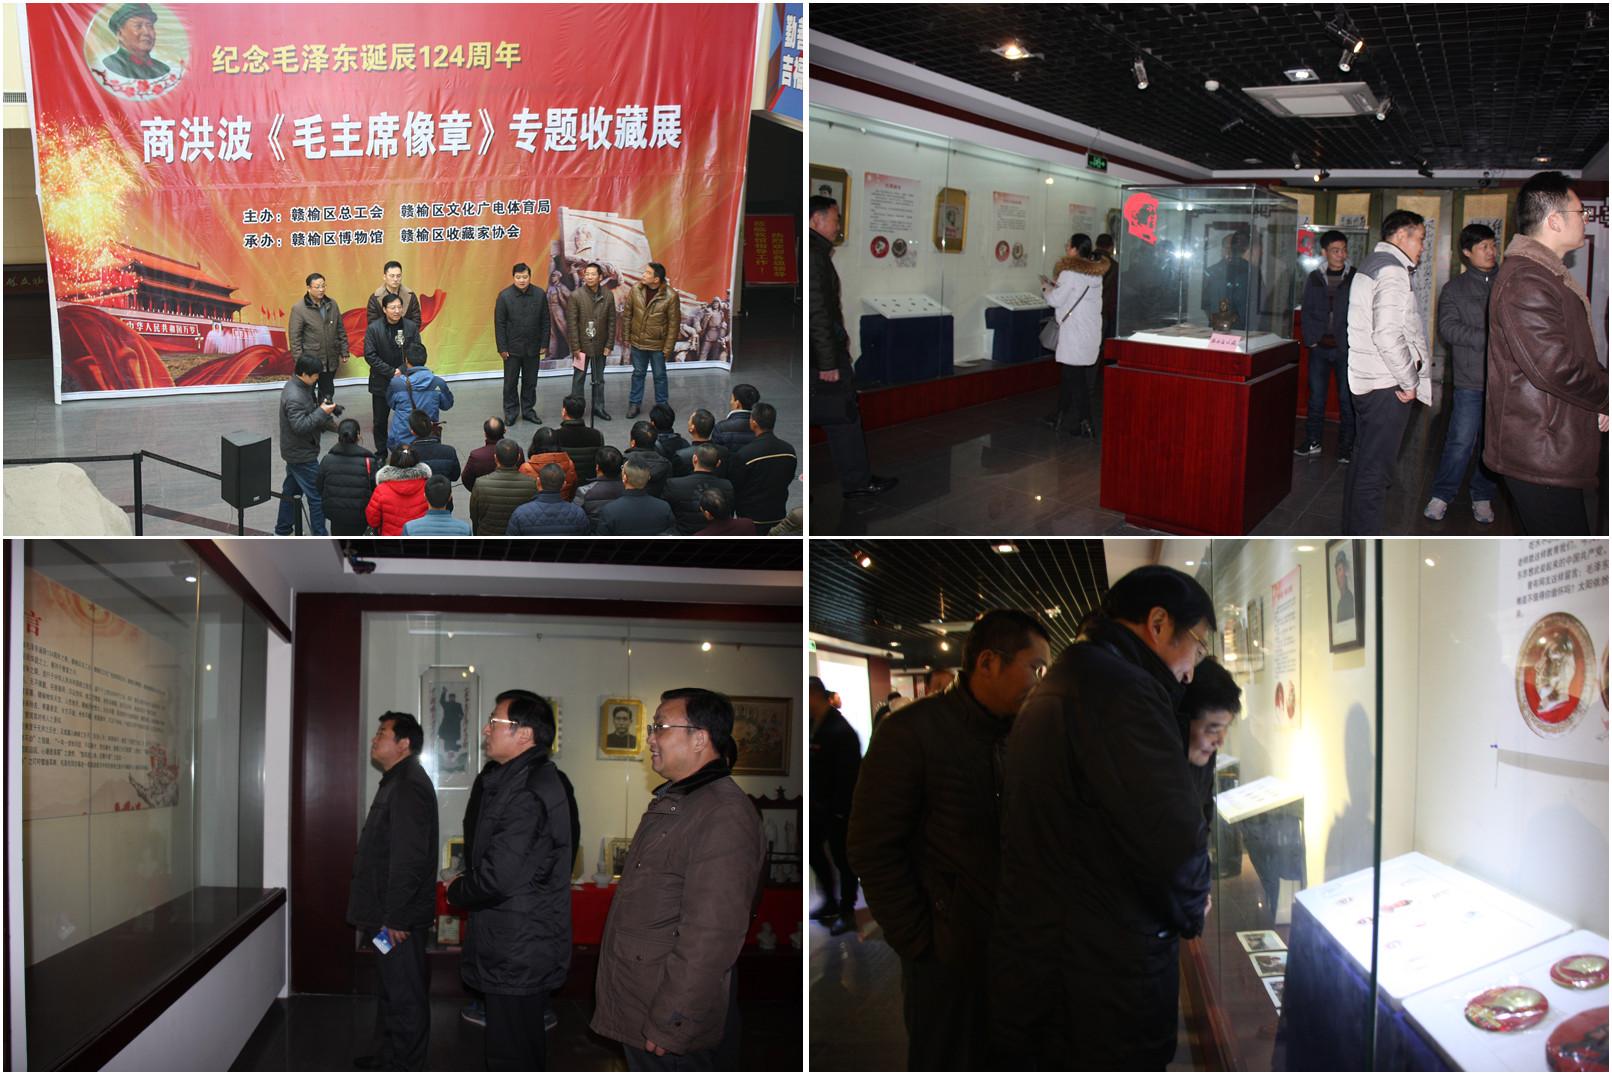 商洪波'毛主席像章'专题收藏展在赣榆区博物馆开展